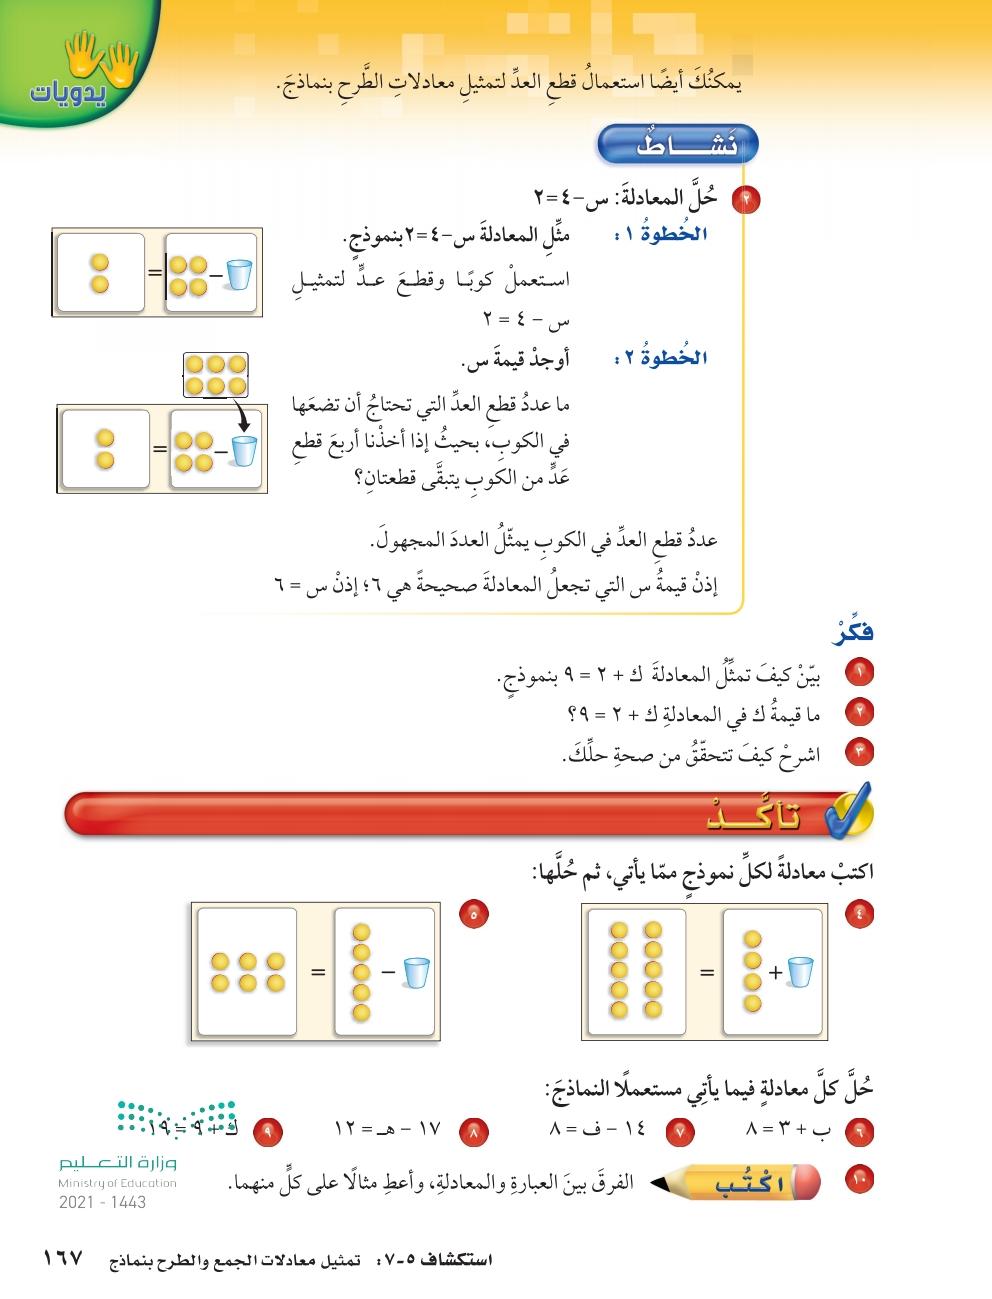 استكشاف 7-5 تمثيل معادلات الجمع والطرح بنماذج